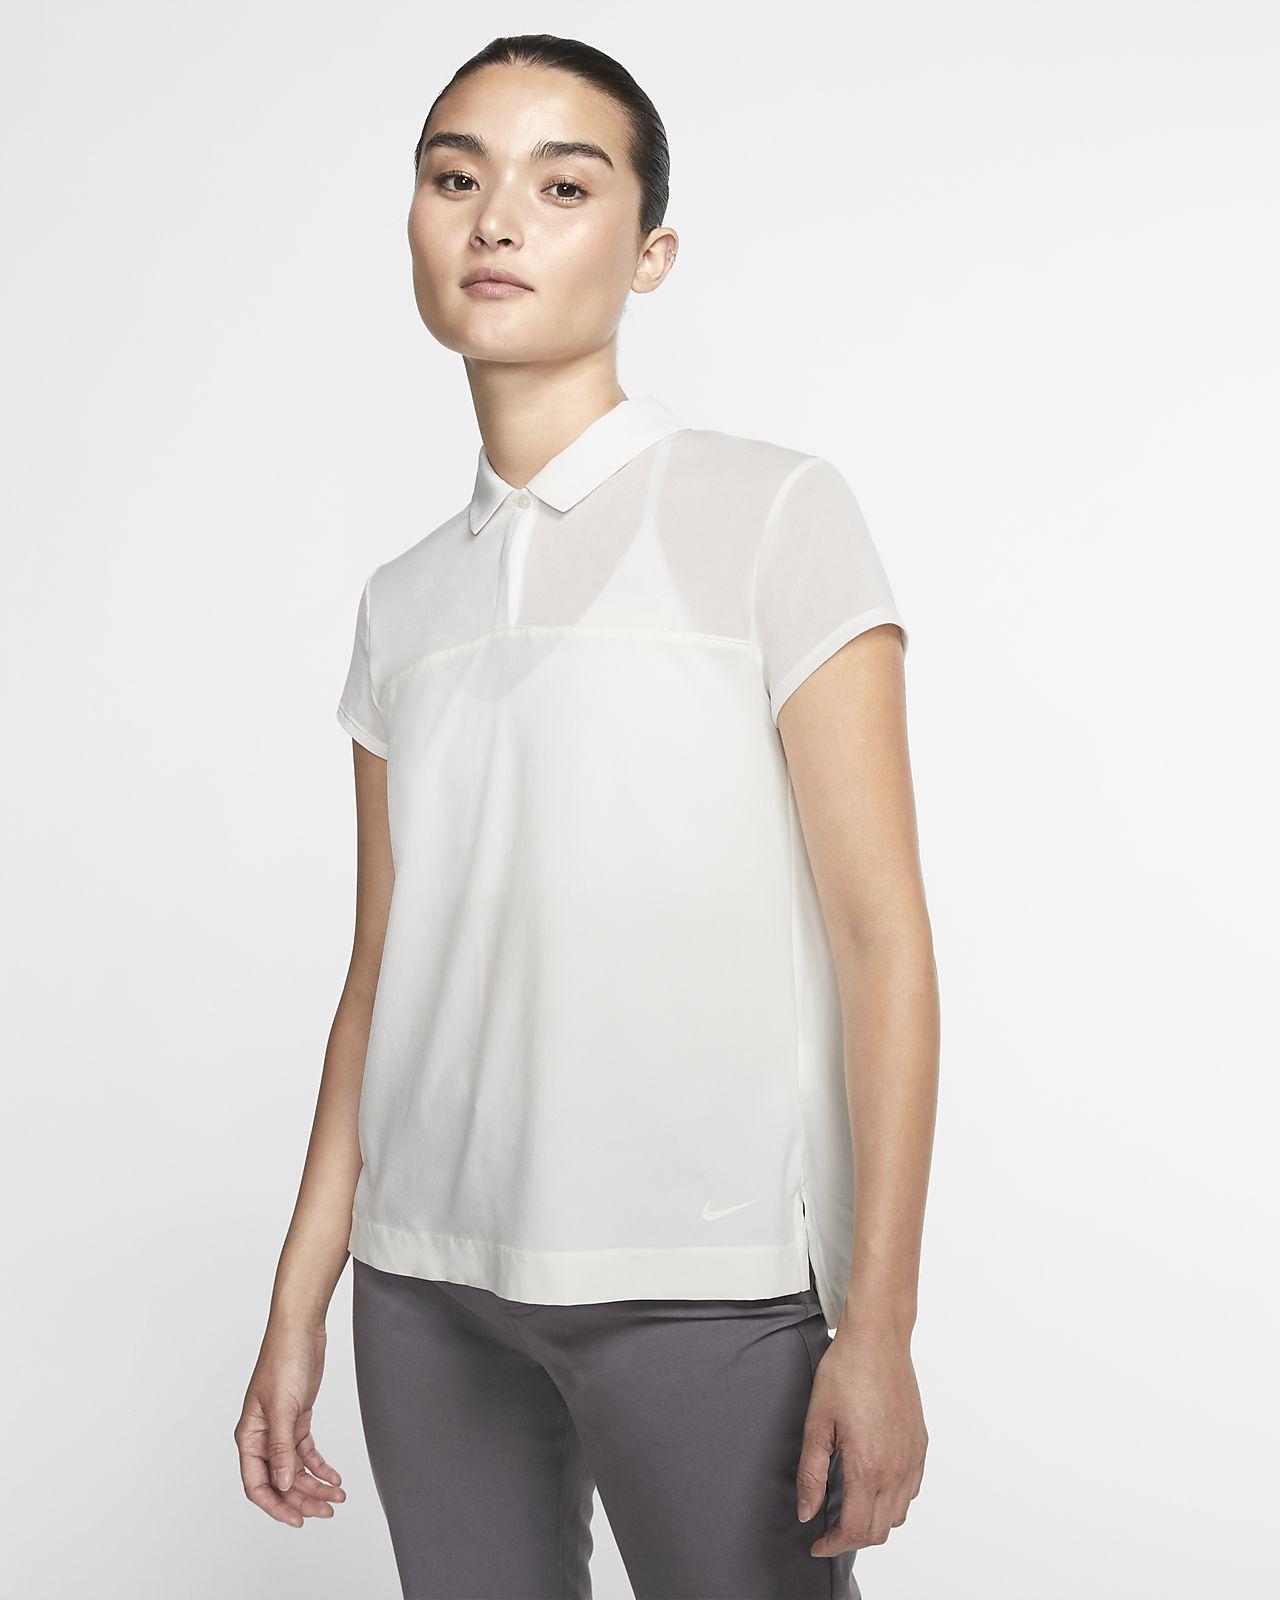 Polo de golf para mujer Nike Flex